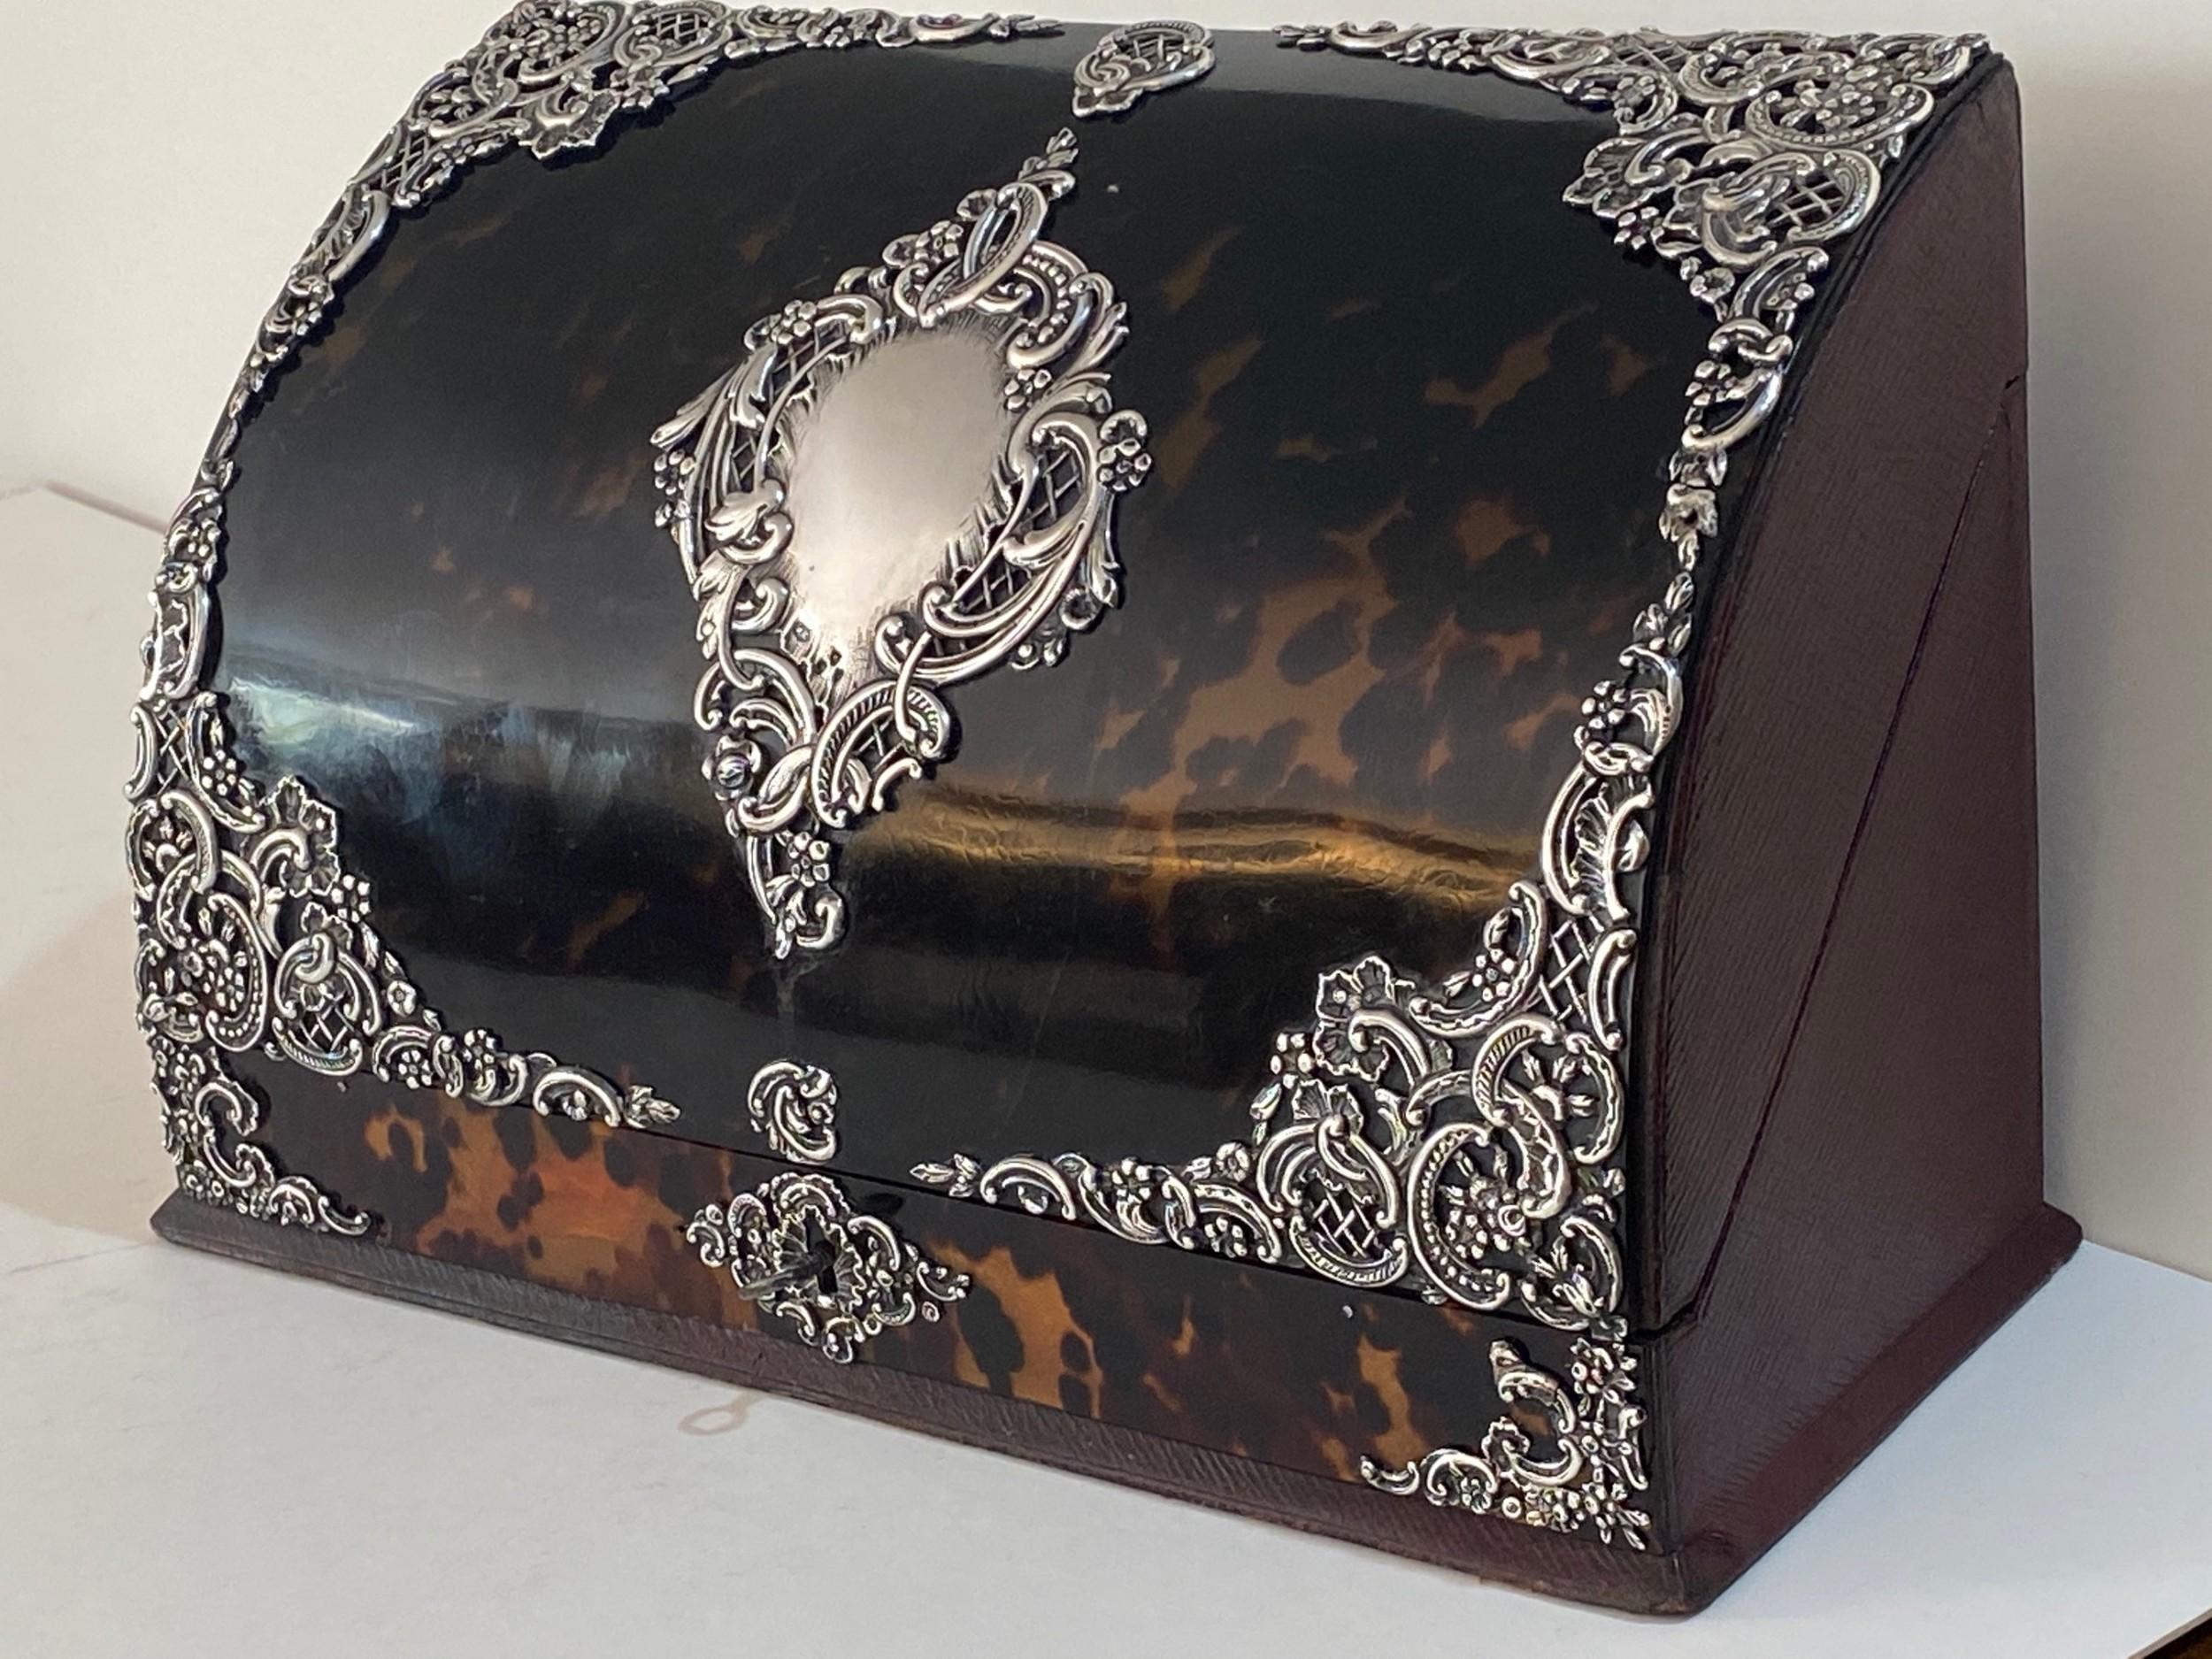 tortoiseshell and silver mounted stationery box